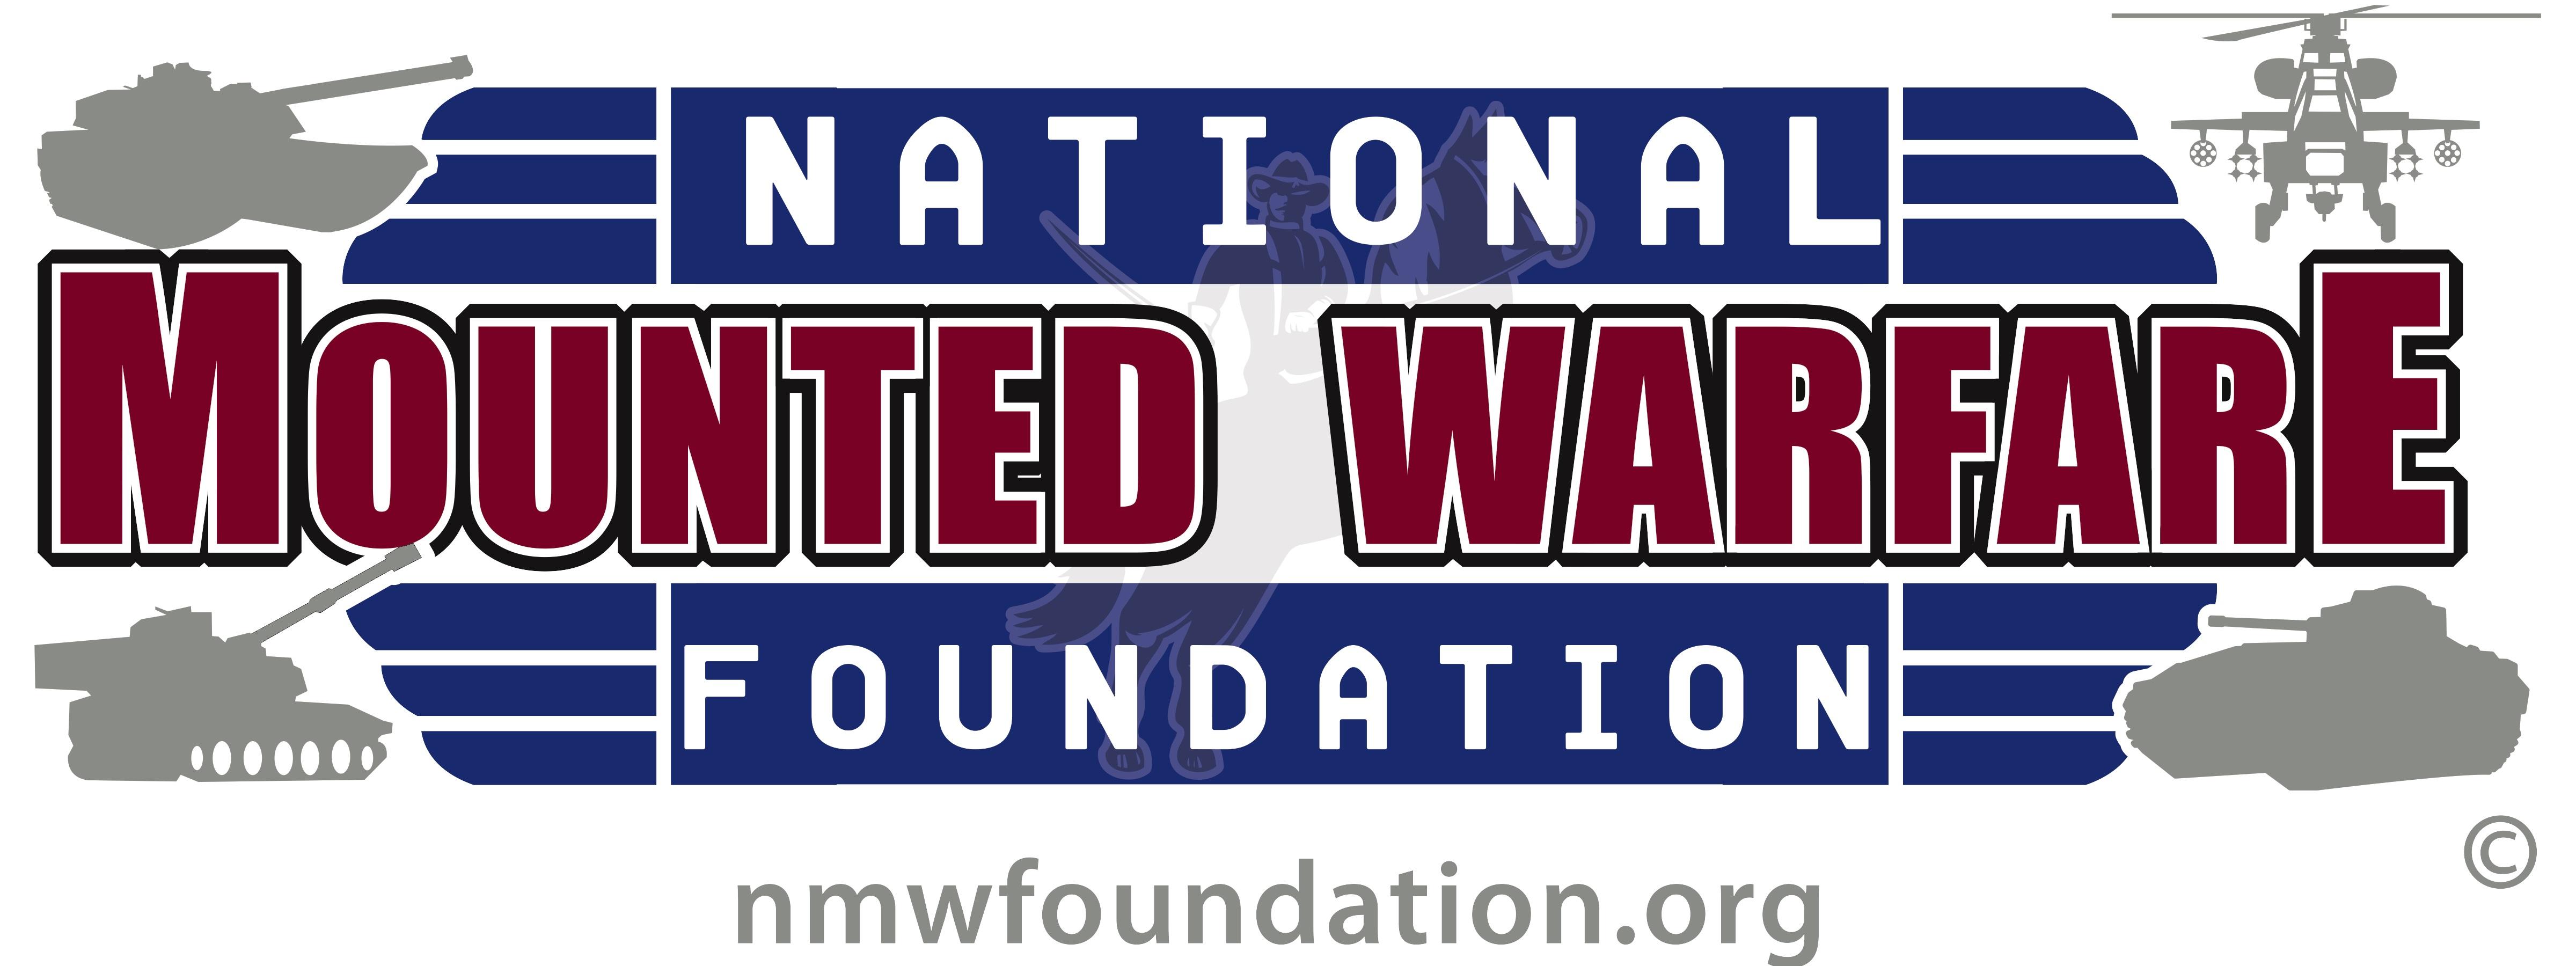 National Mounted Warfare Foundation